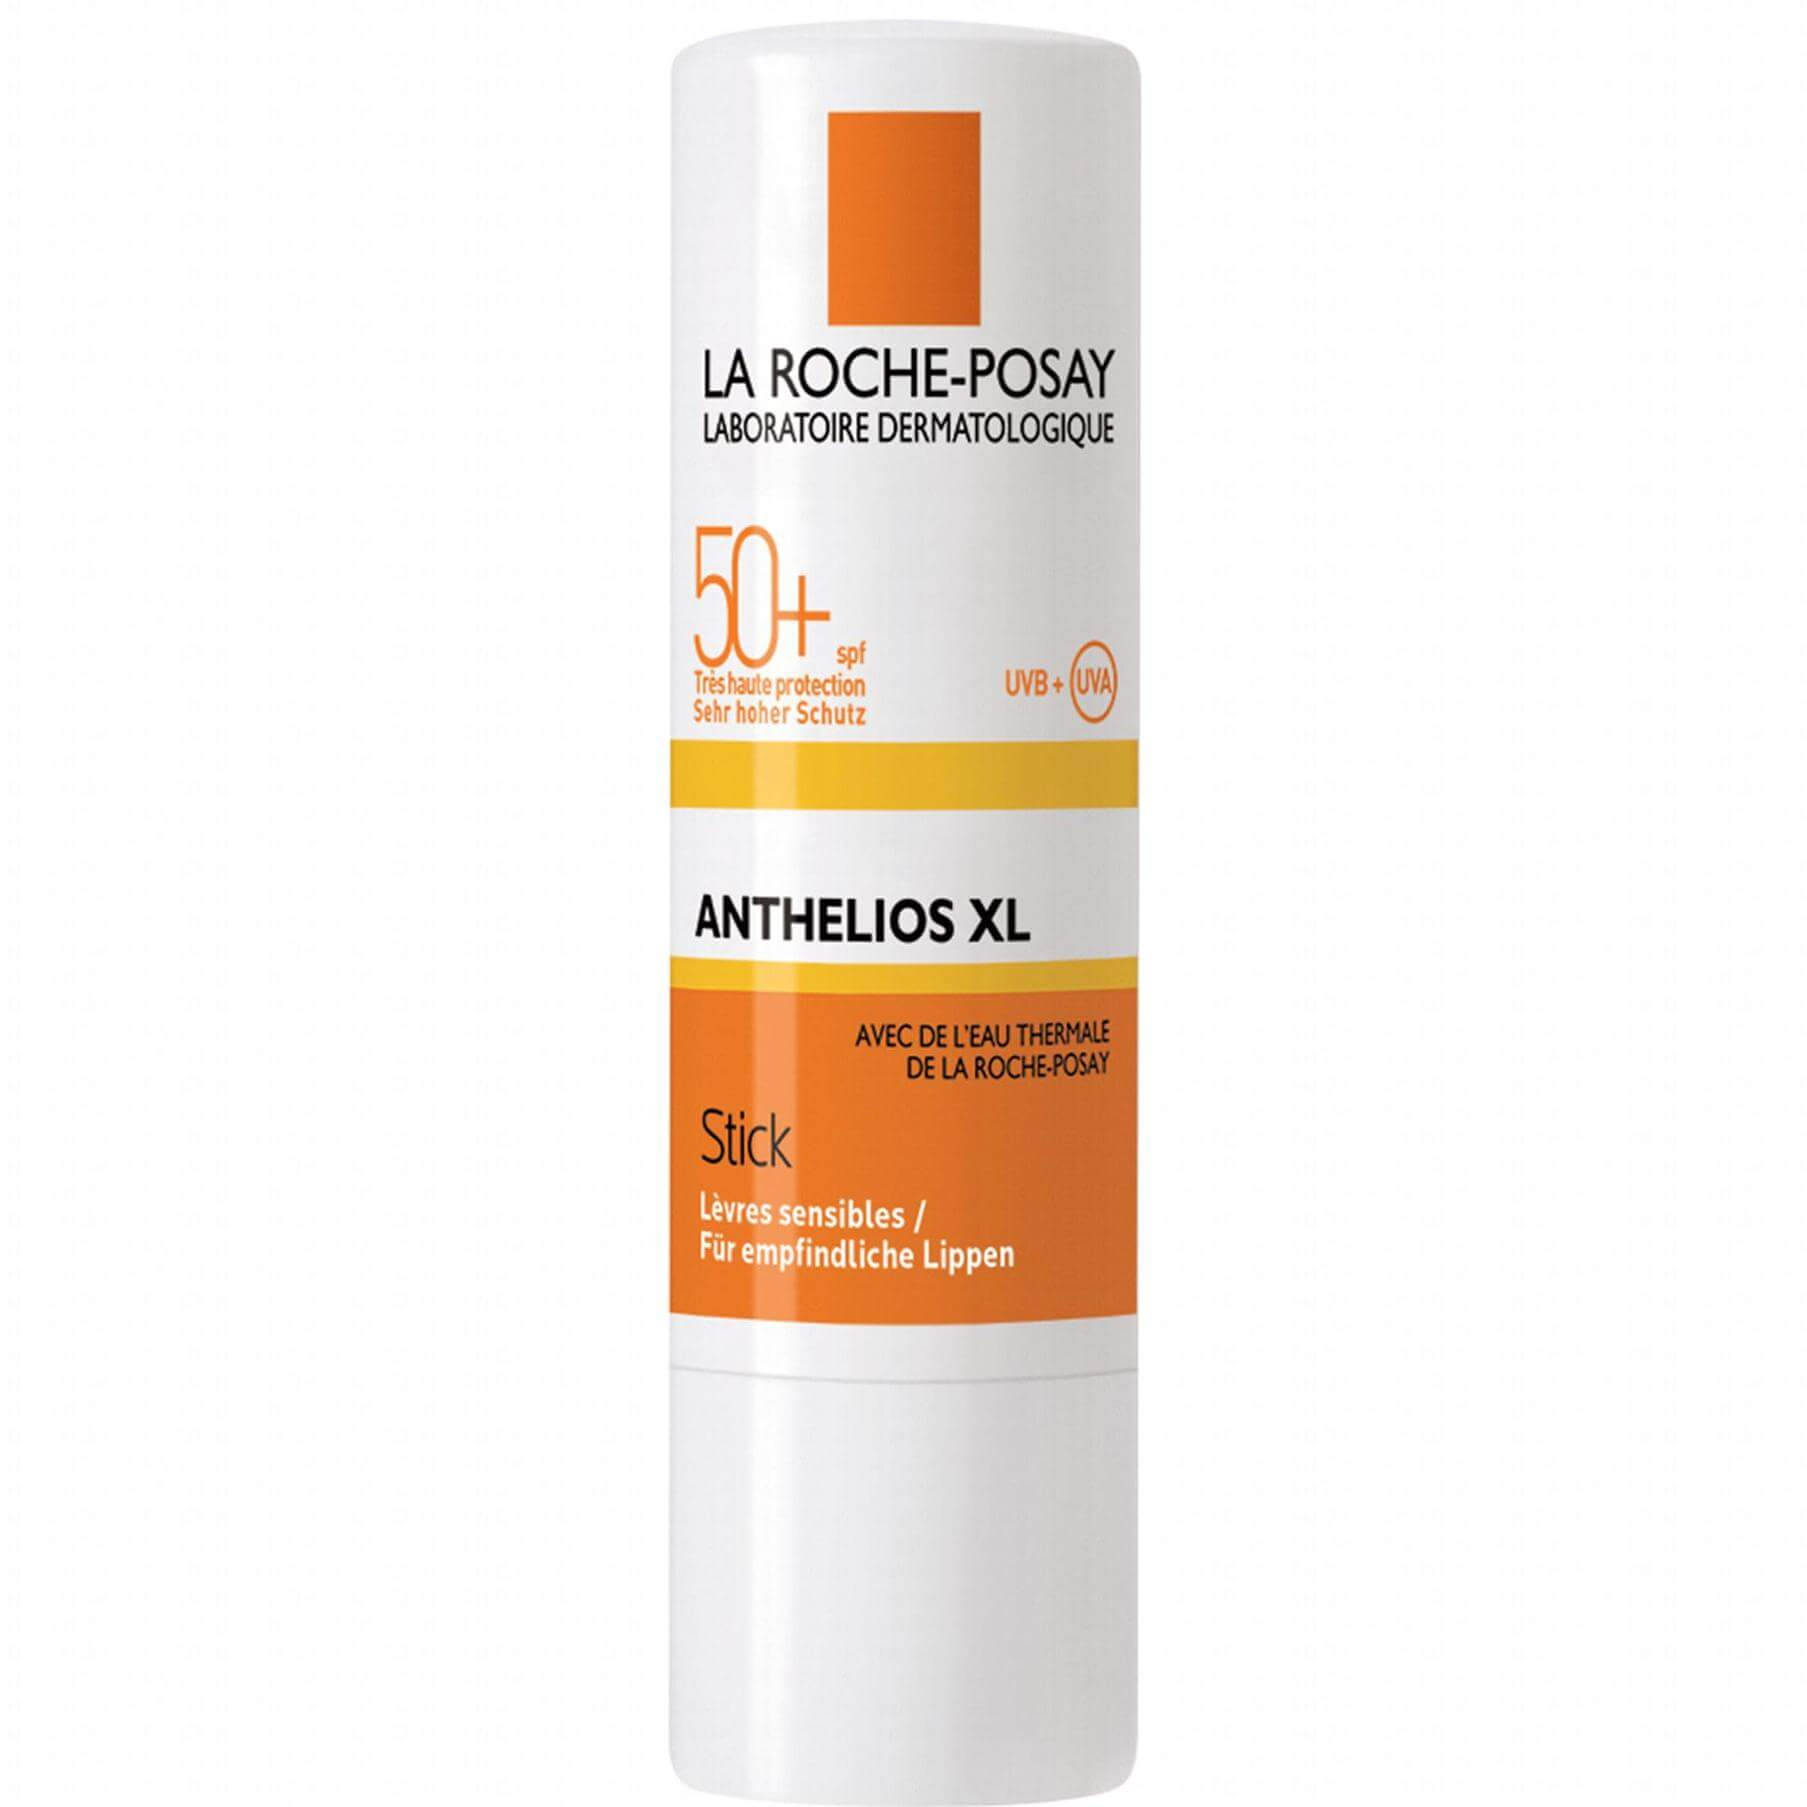 La Roche-Posay Anthelios XL Stick Levres Spf50+ Πολύ Υψηλή Προστασία για Ευαίσθητα Xείλη 4,7ml